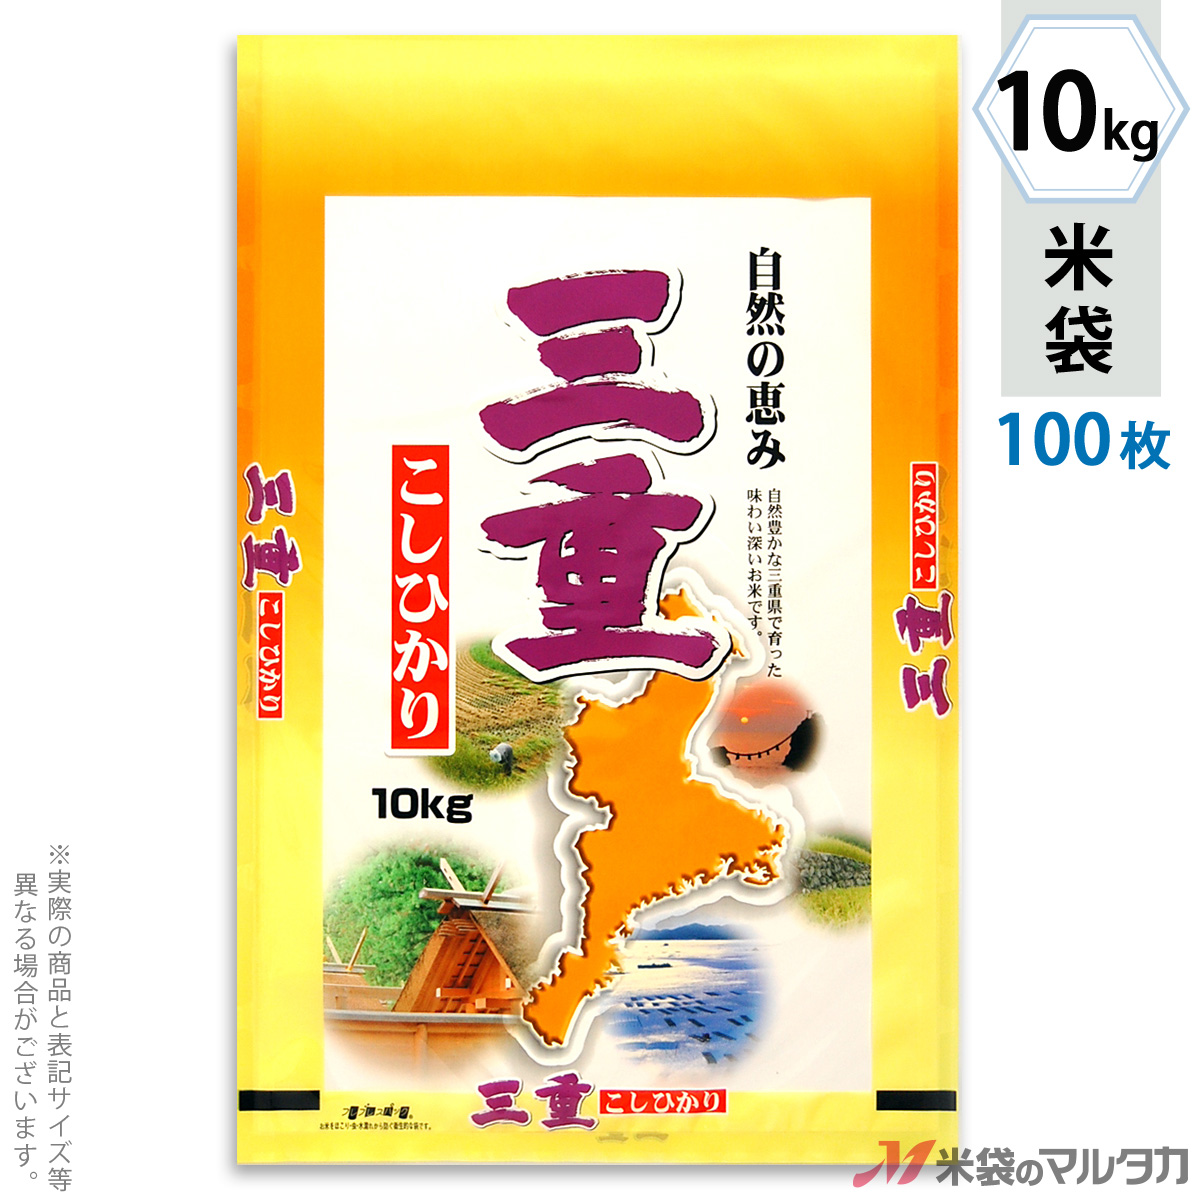 米袋 ラミ フレブレス 三重産こしひかり 三重の風 10kg 100枚セット MN-7830